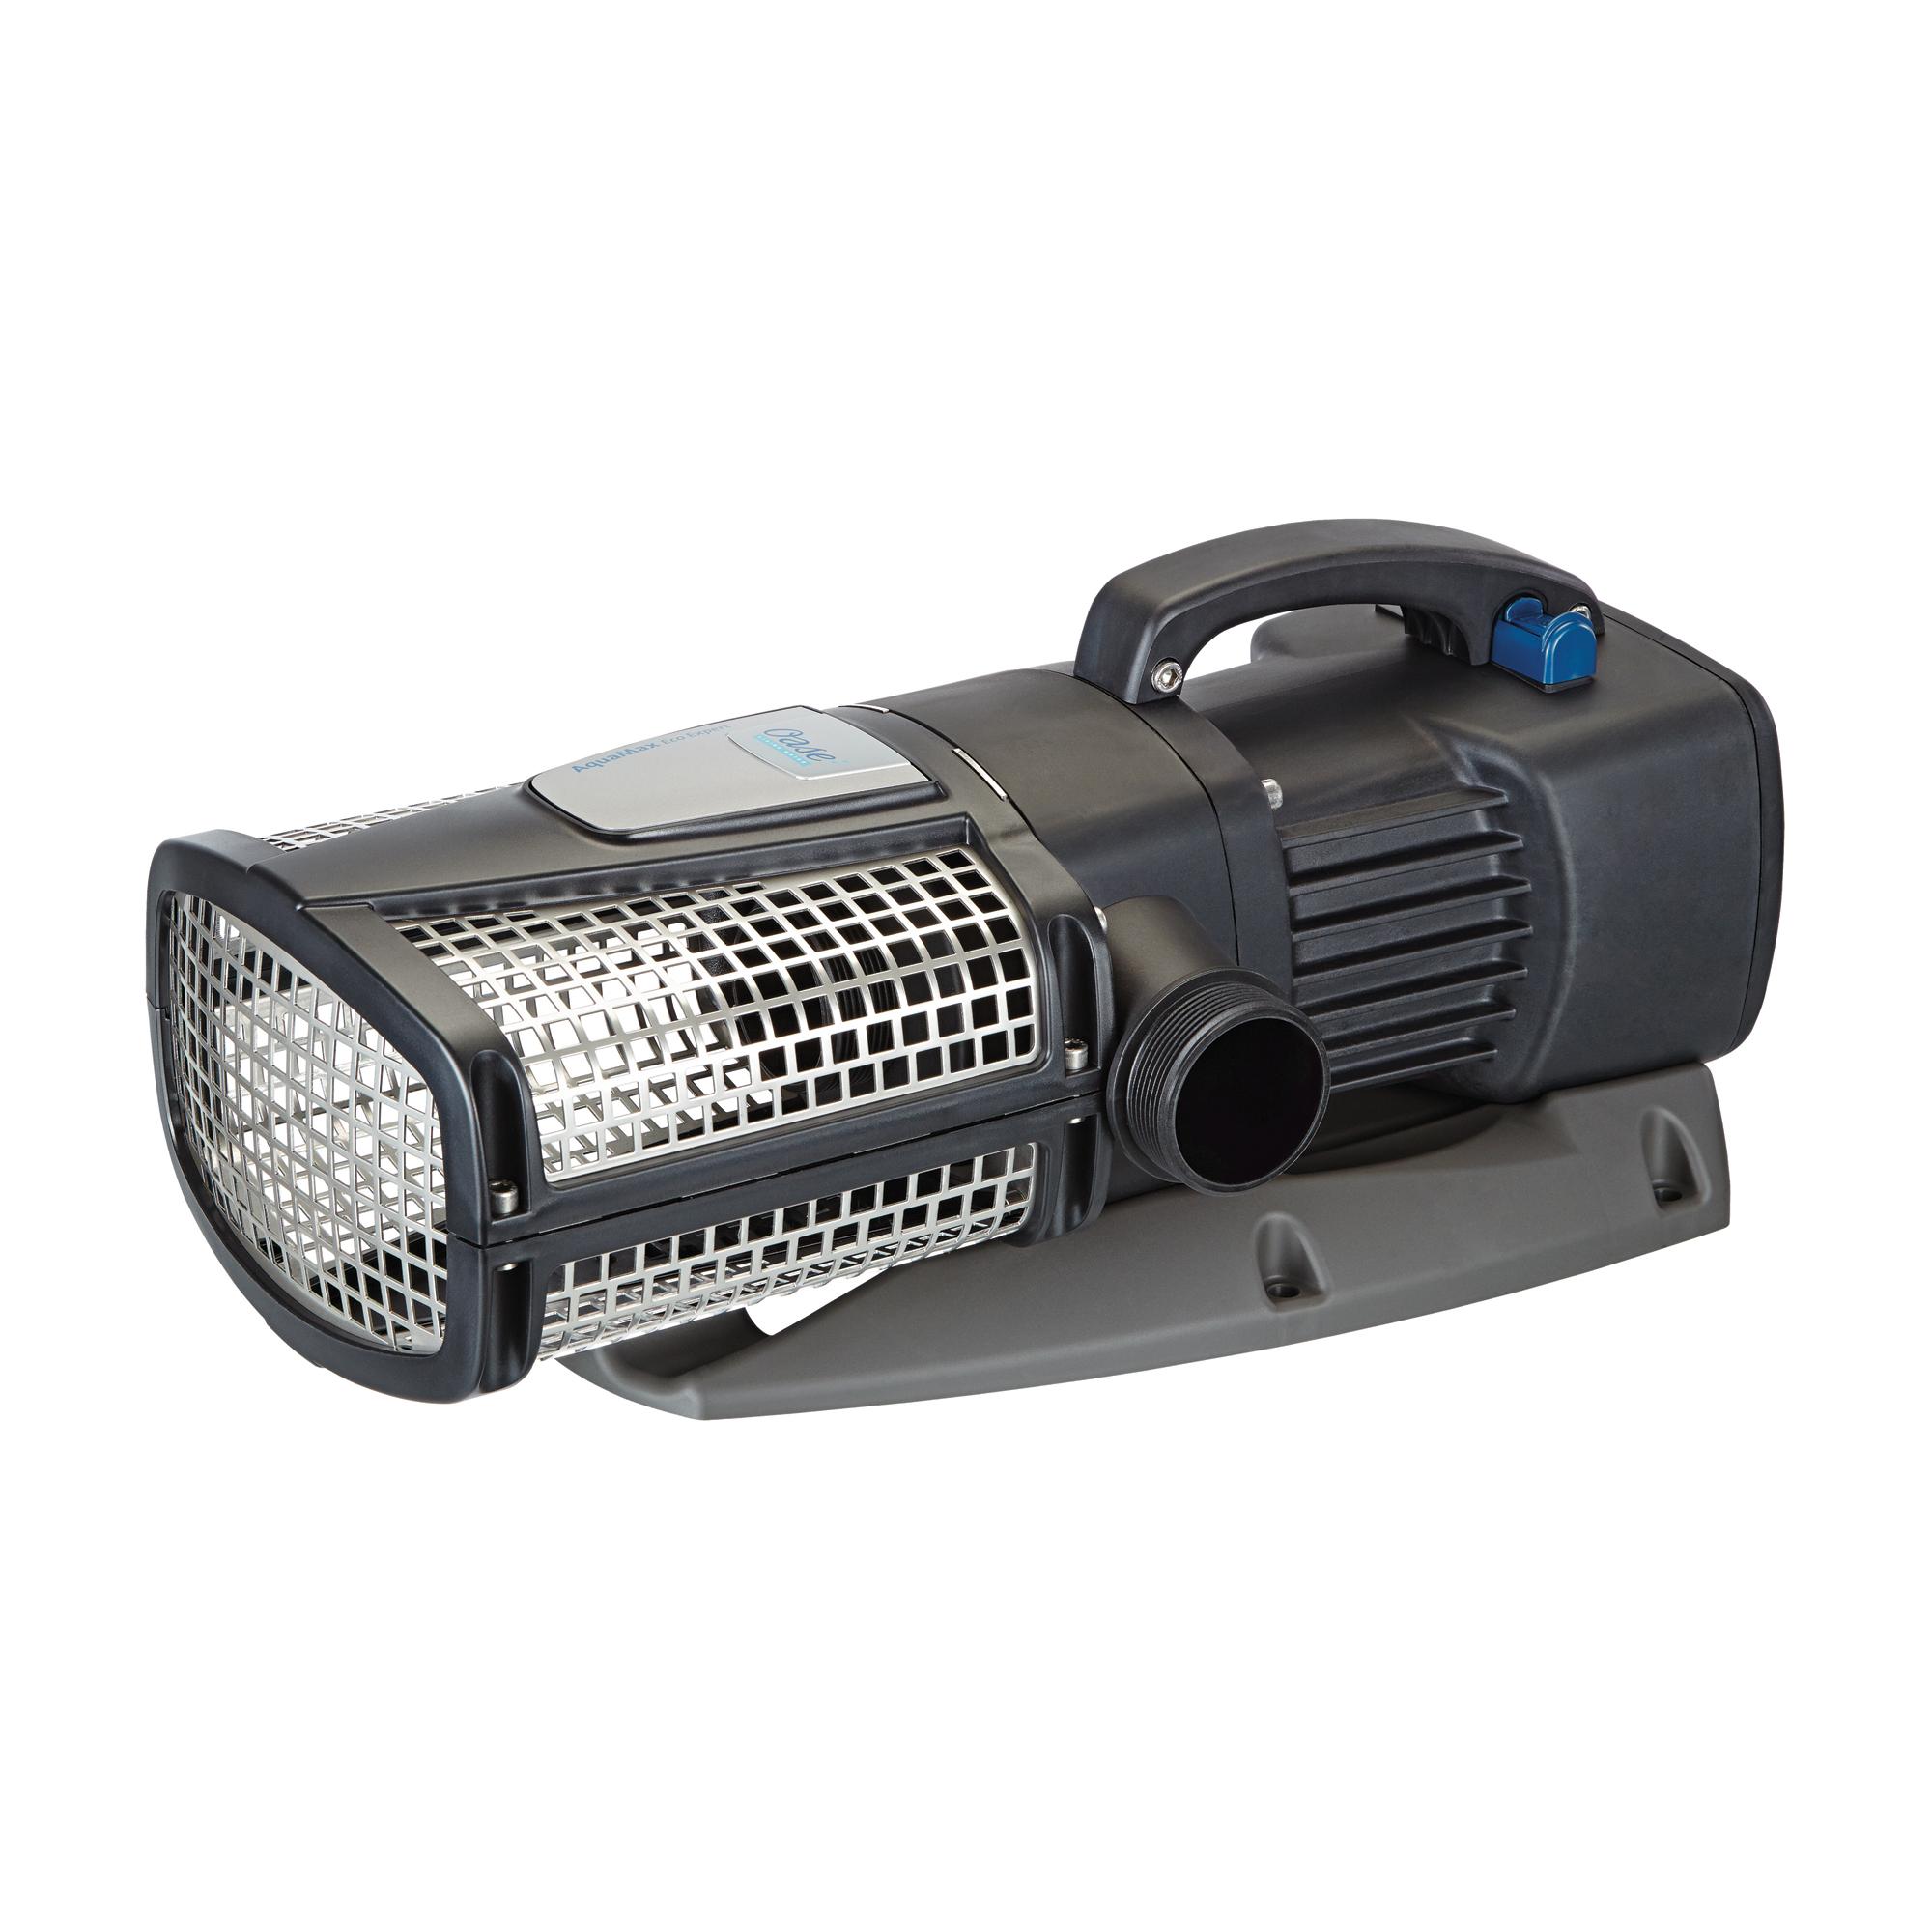 AquaMax Eco Expert 6800